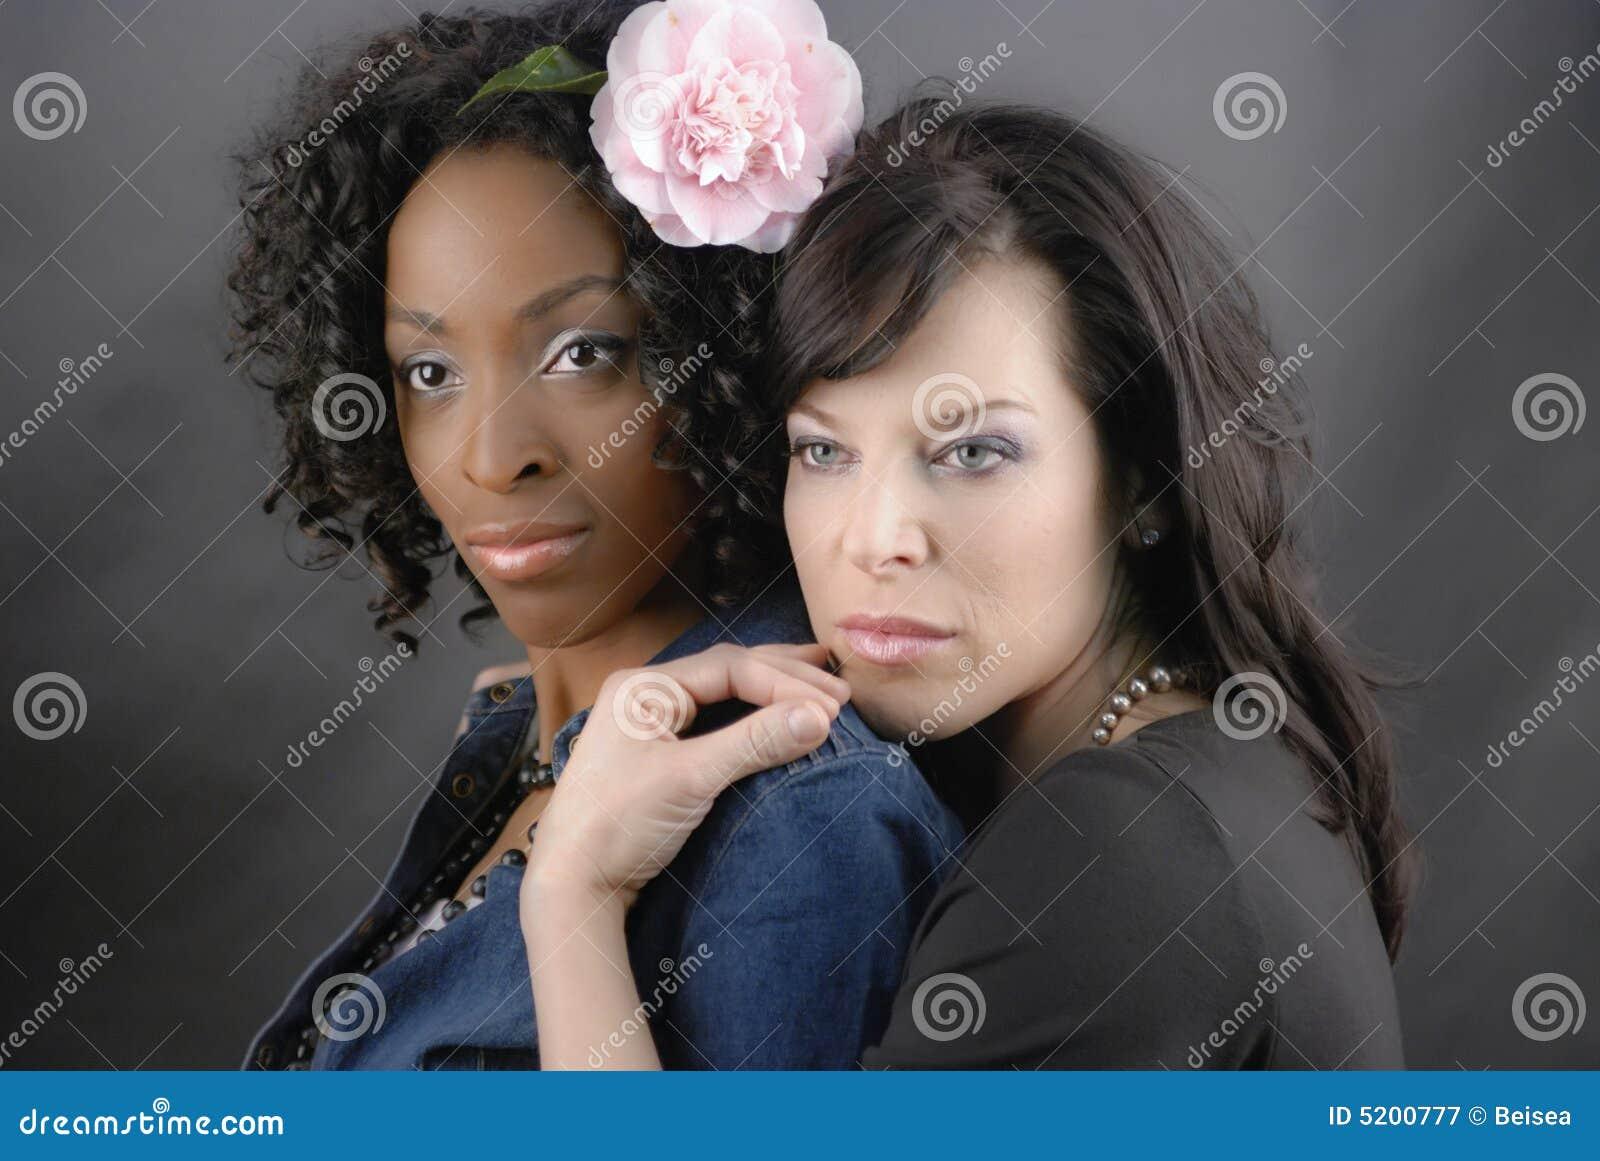 Ræva slikke ibenholt lesbiske